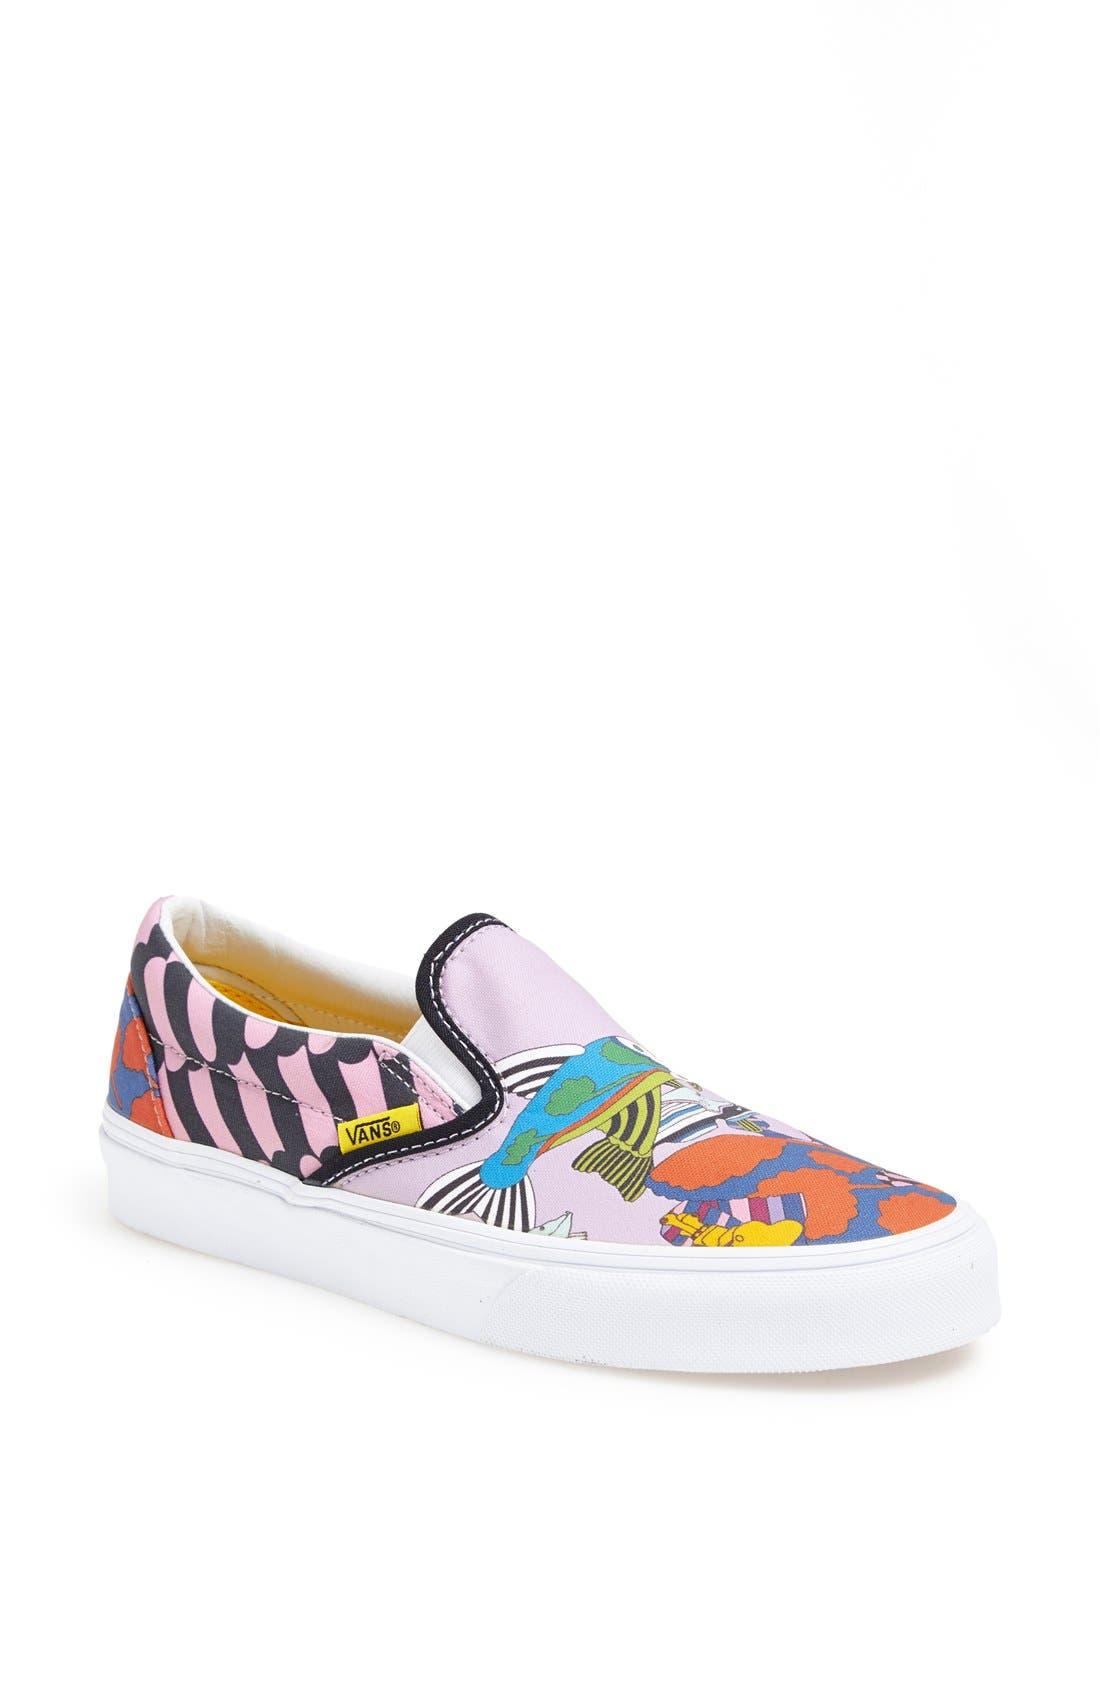 Main Image - Vans 'Sea of Monster' Slip-On Sneaker (Women)